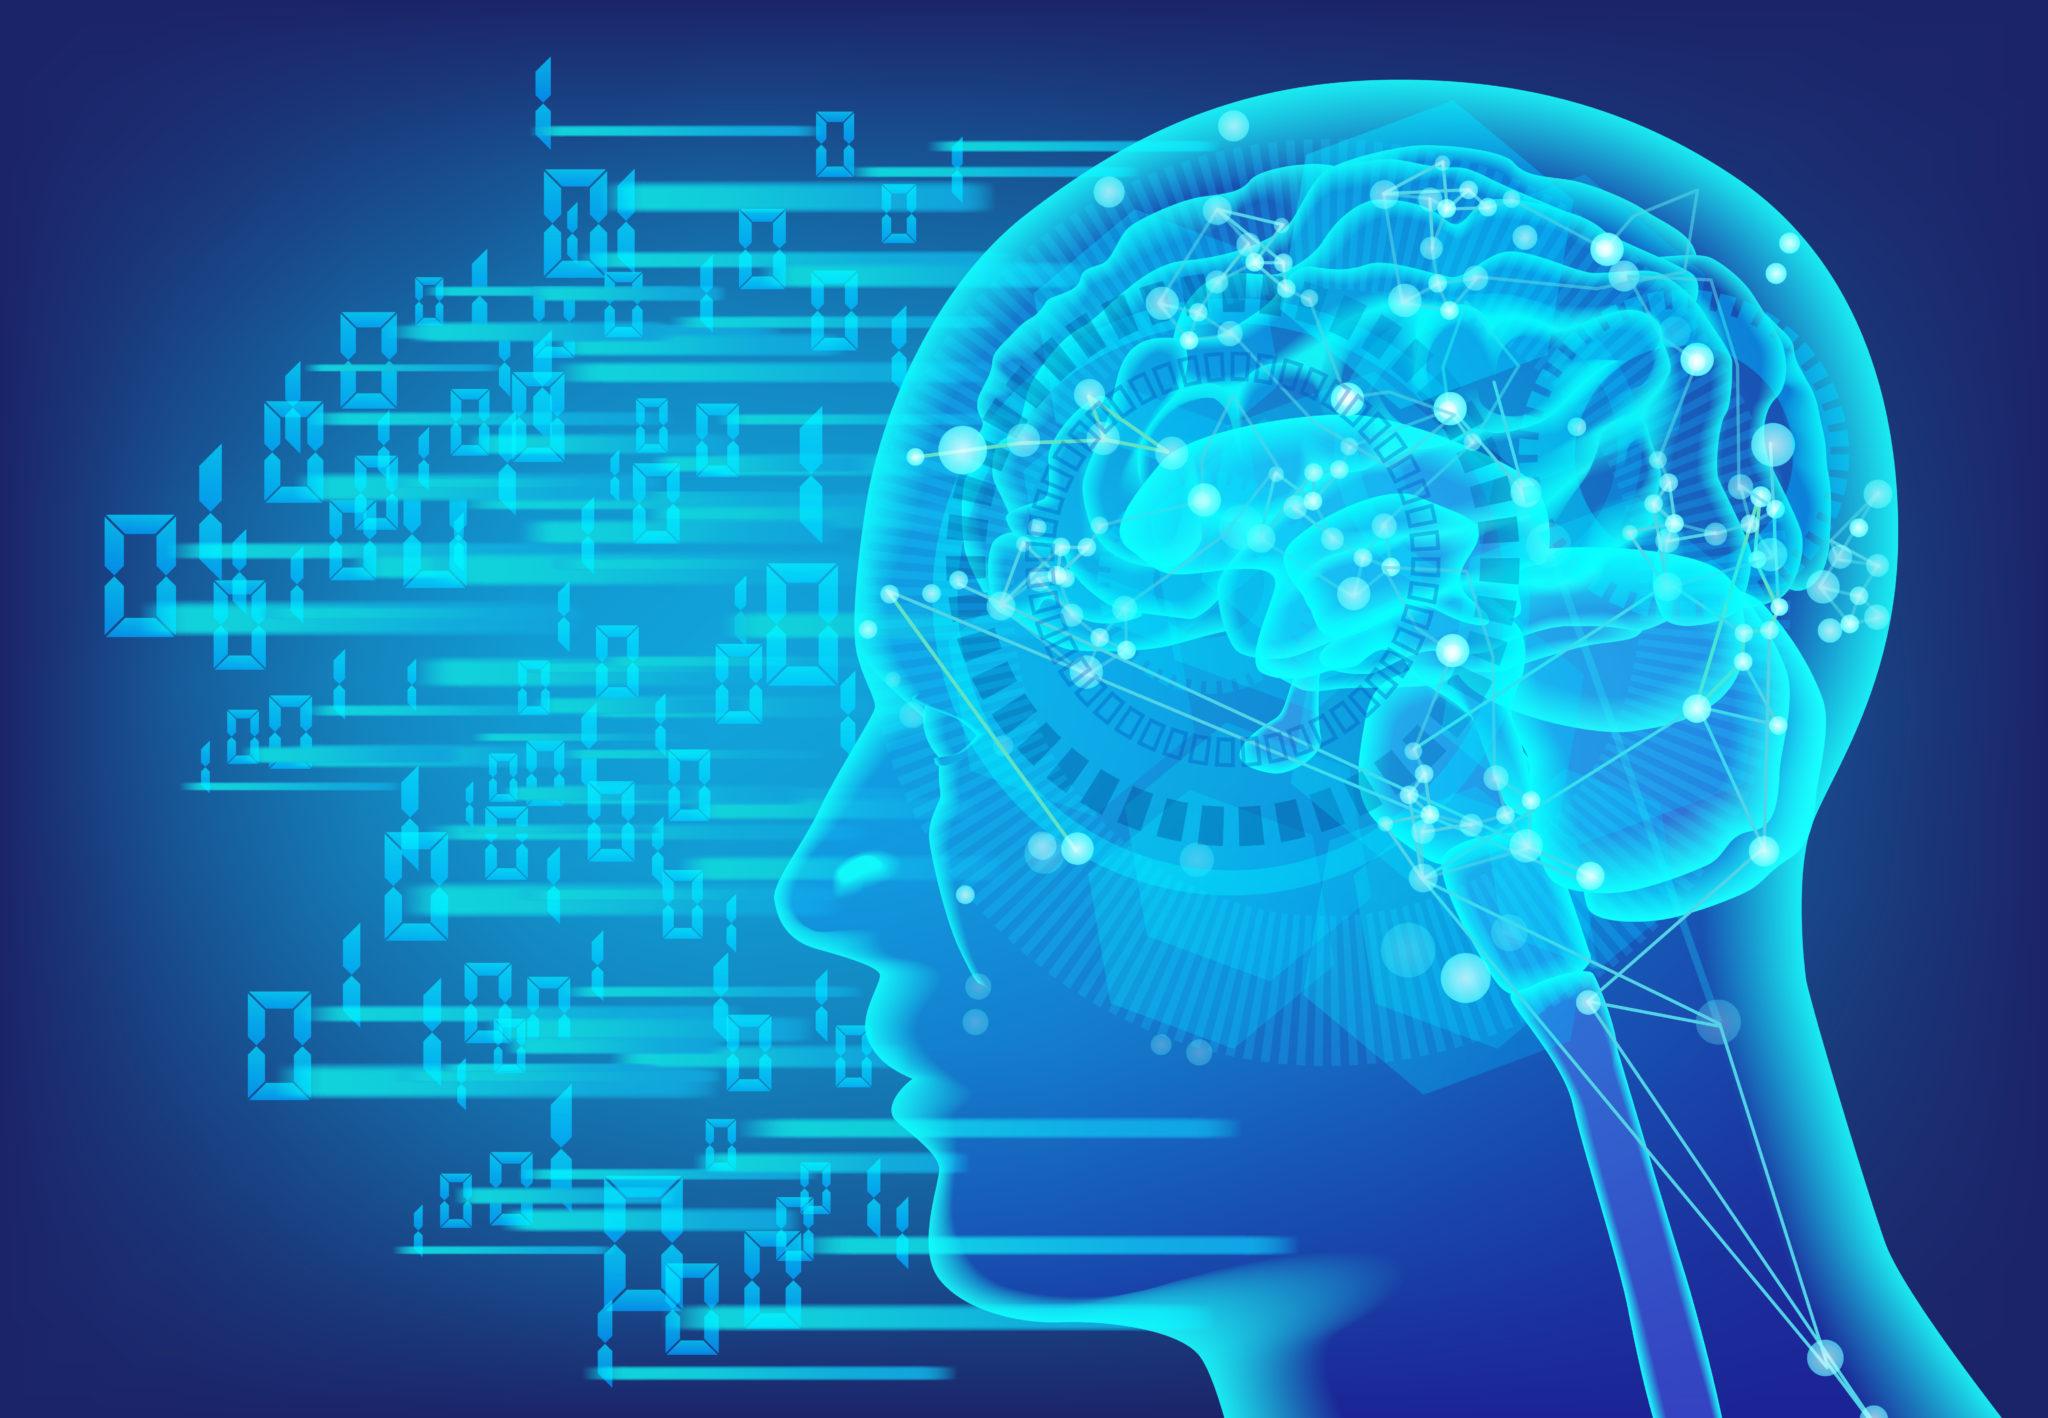 AIとネットワークのイメージ